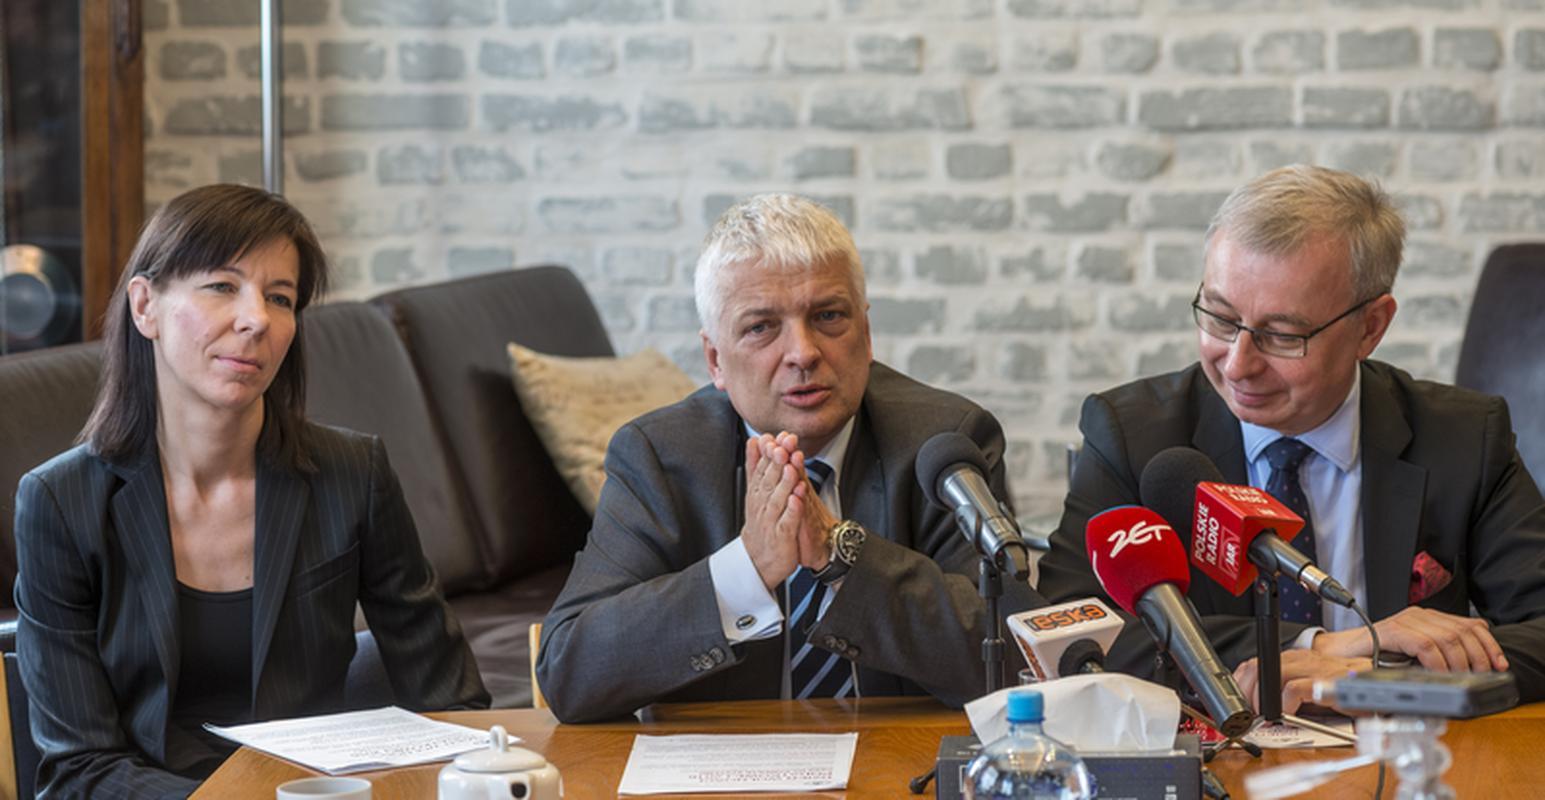 Od lewej: Anna Gołębicka, prof. Rober Gwiazdowski i Andrzej Sadowski w trakcie konferencji na temat Dnia Wolności Podatkowej